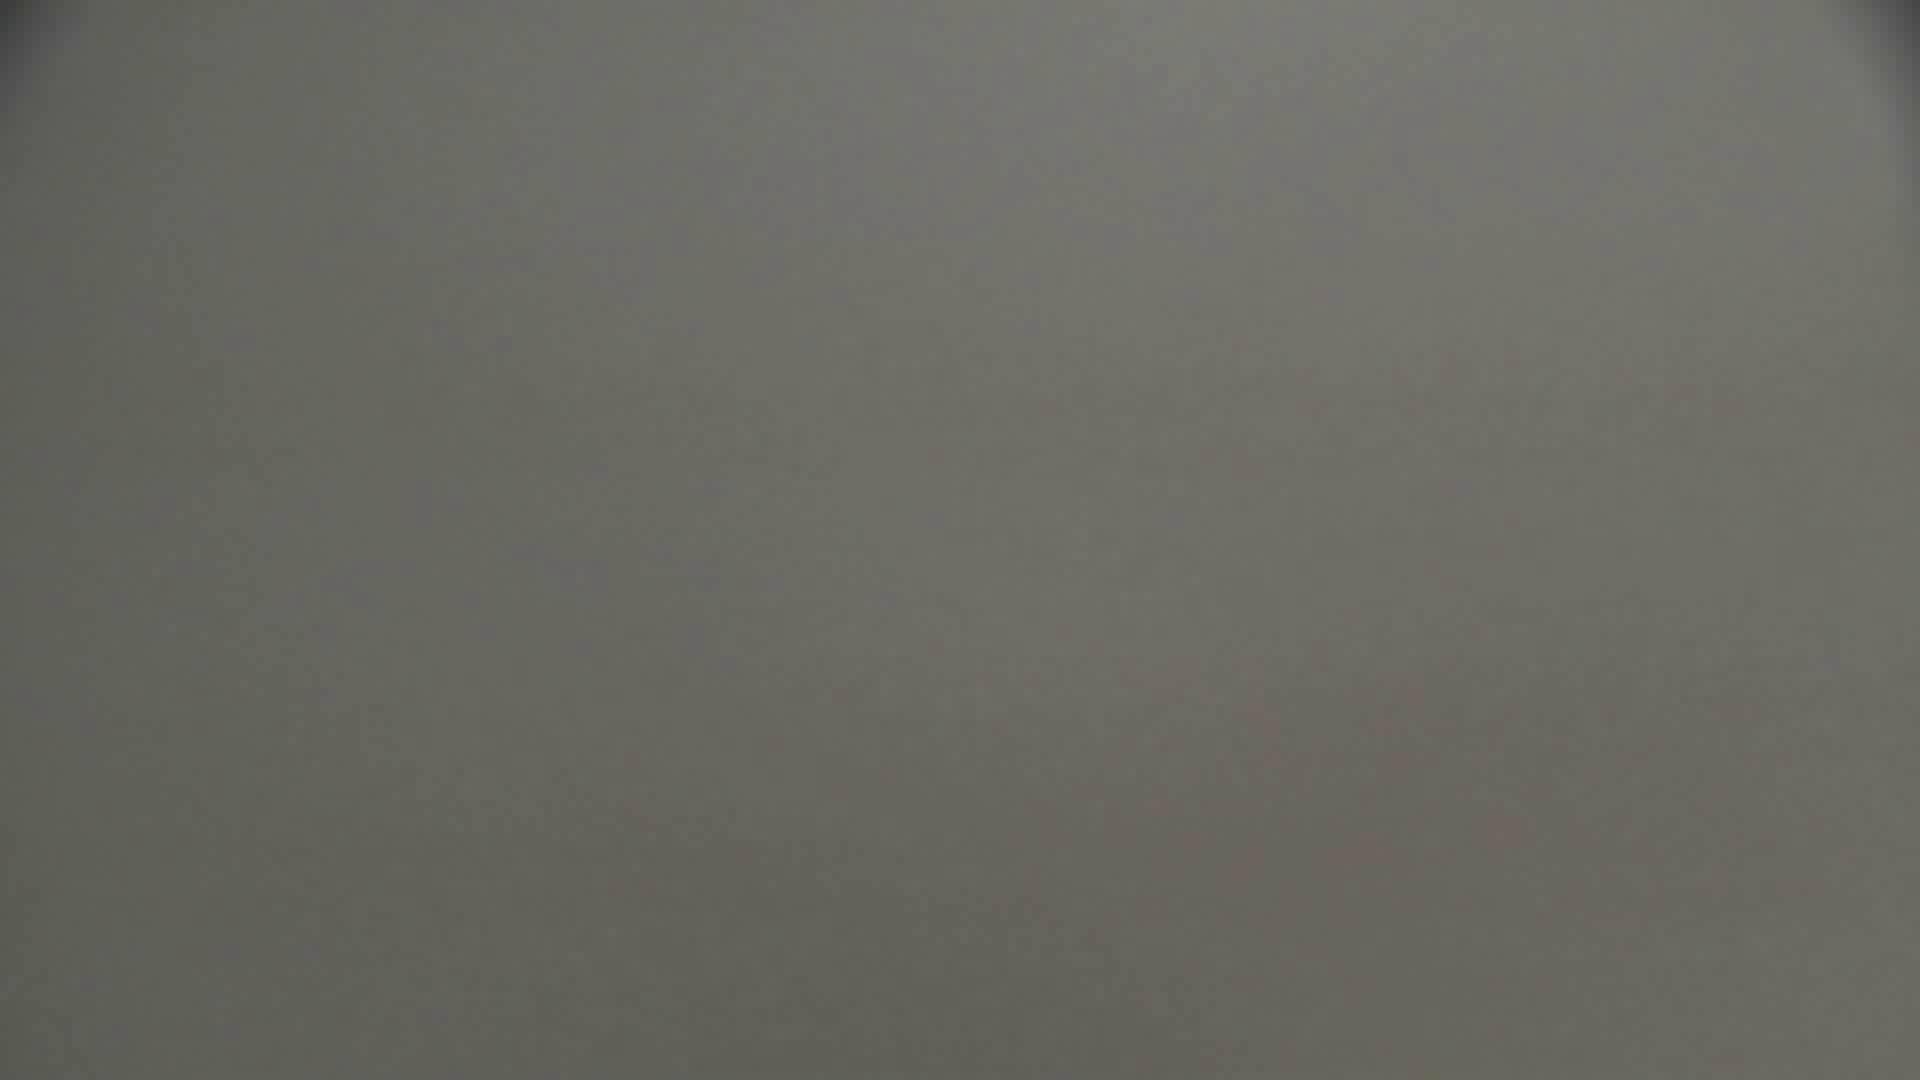 【美しき個室な世界】 vol.021 めがねっこ 高評価  82PIX 48